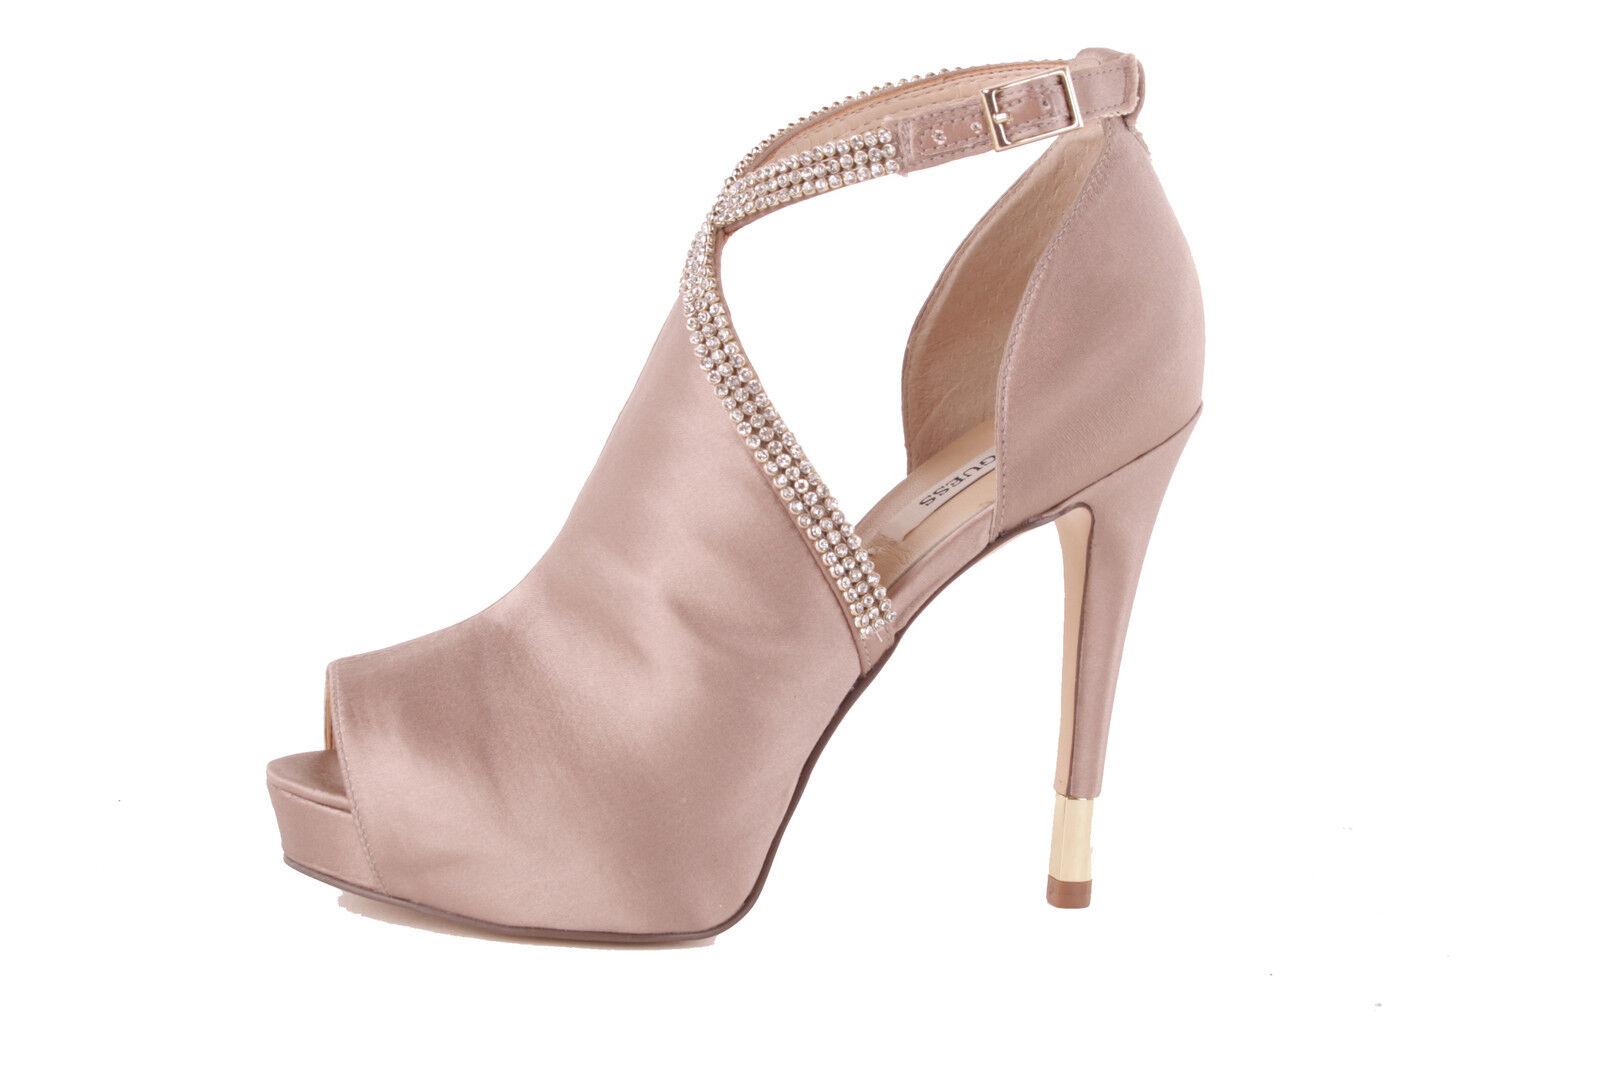 GUESS Damen Damen GUESS Pumps Highheels Stilettos Beige#513 0fcb3d